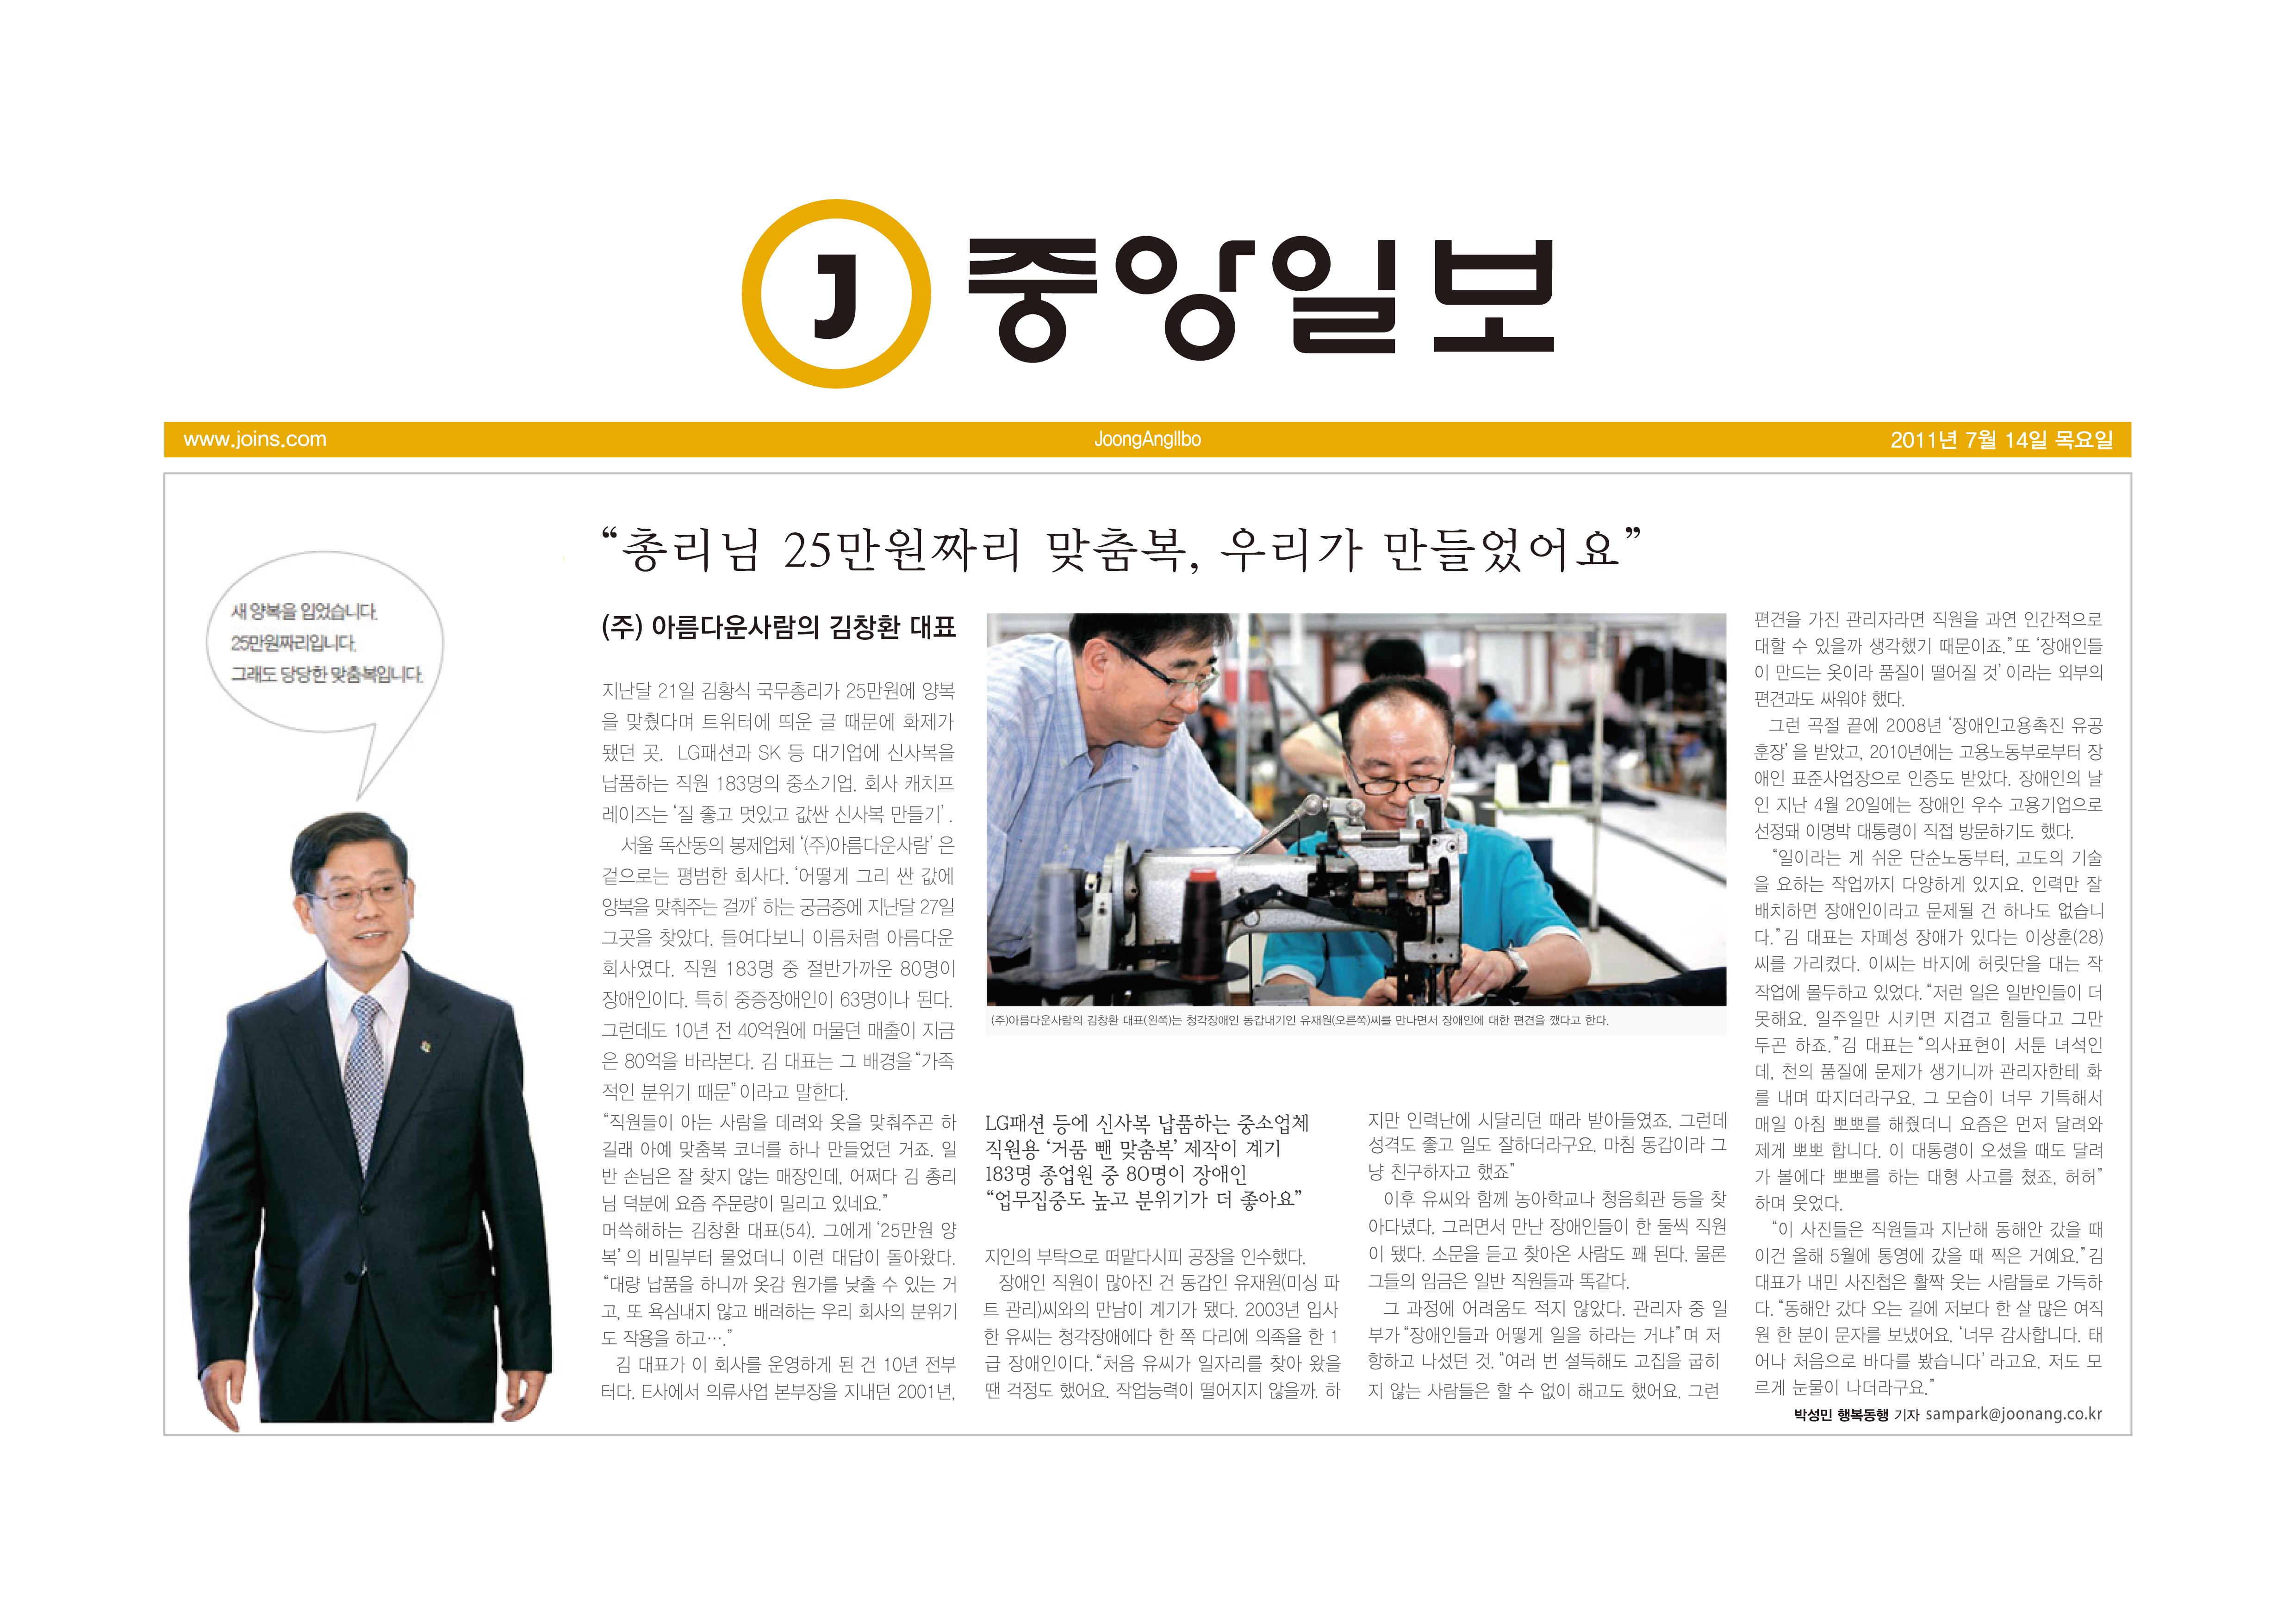 20110714 중앙일보